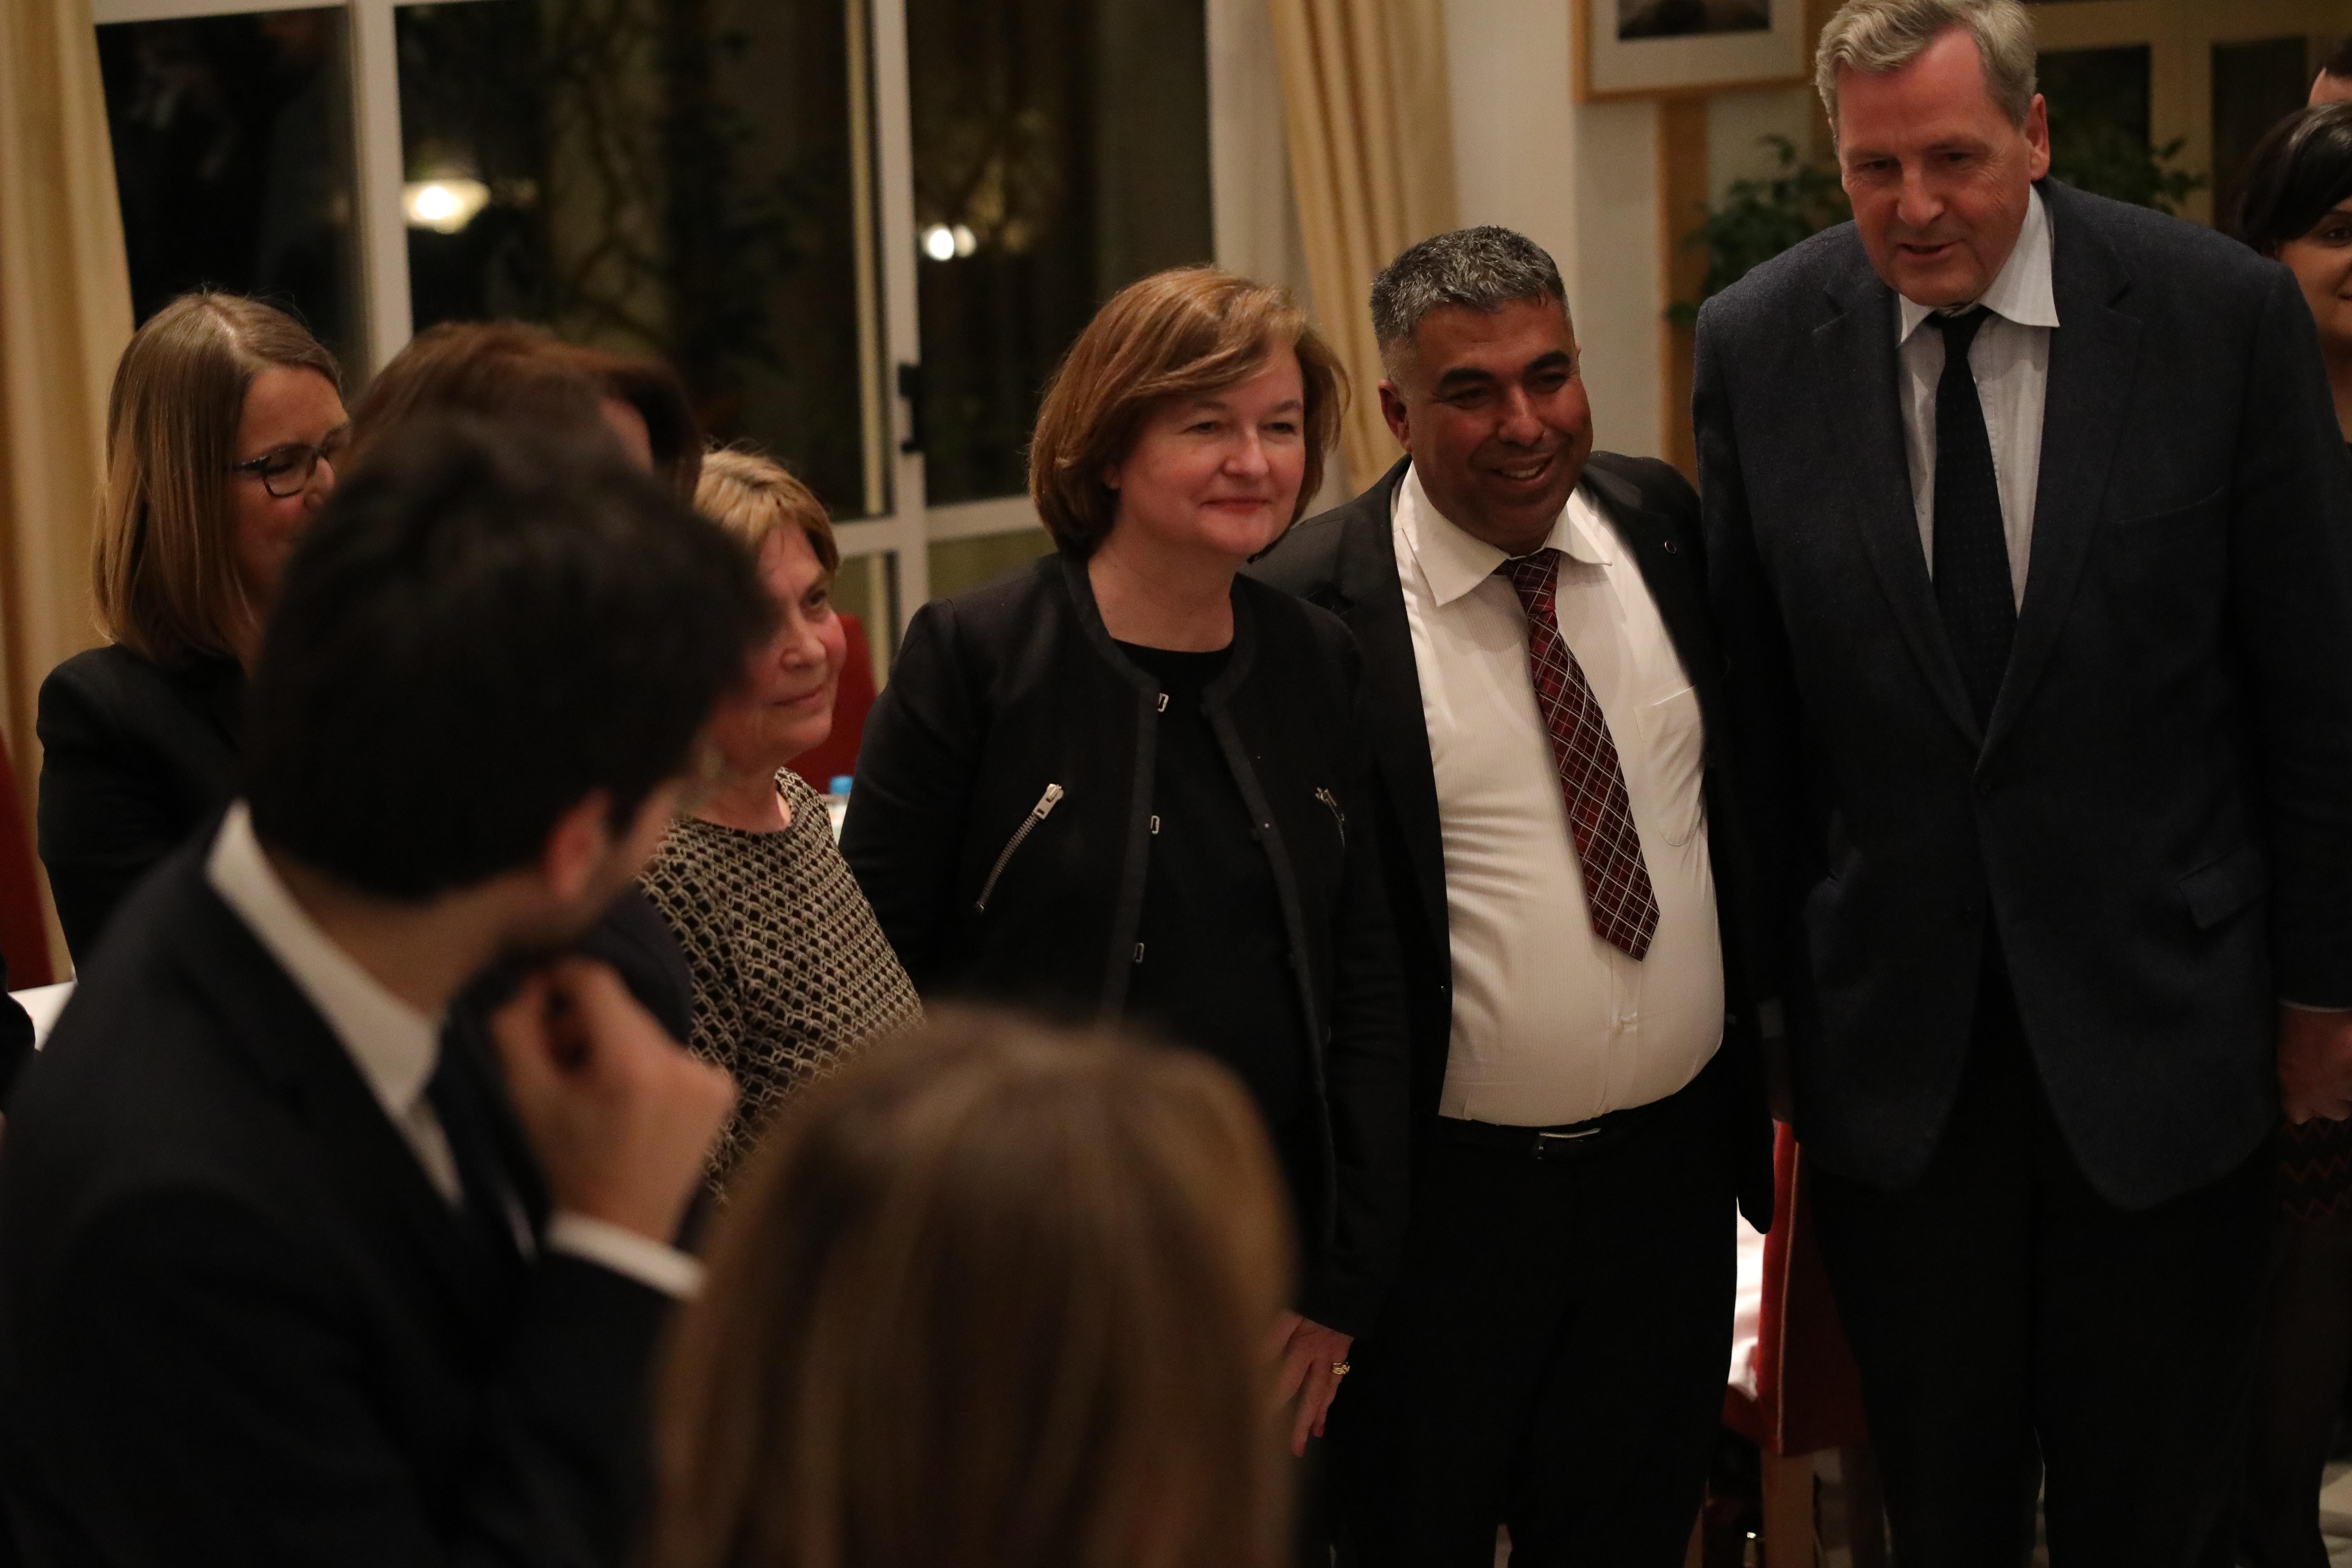 ashmet ministerka na francija i alen le roa